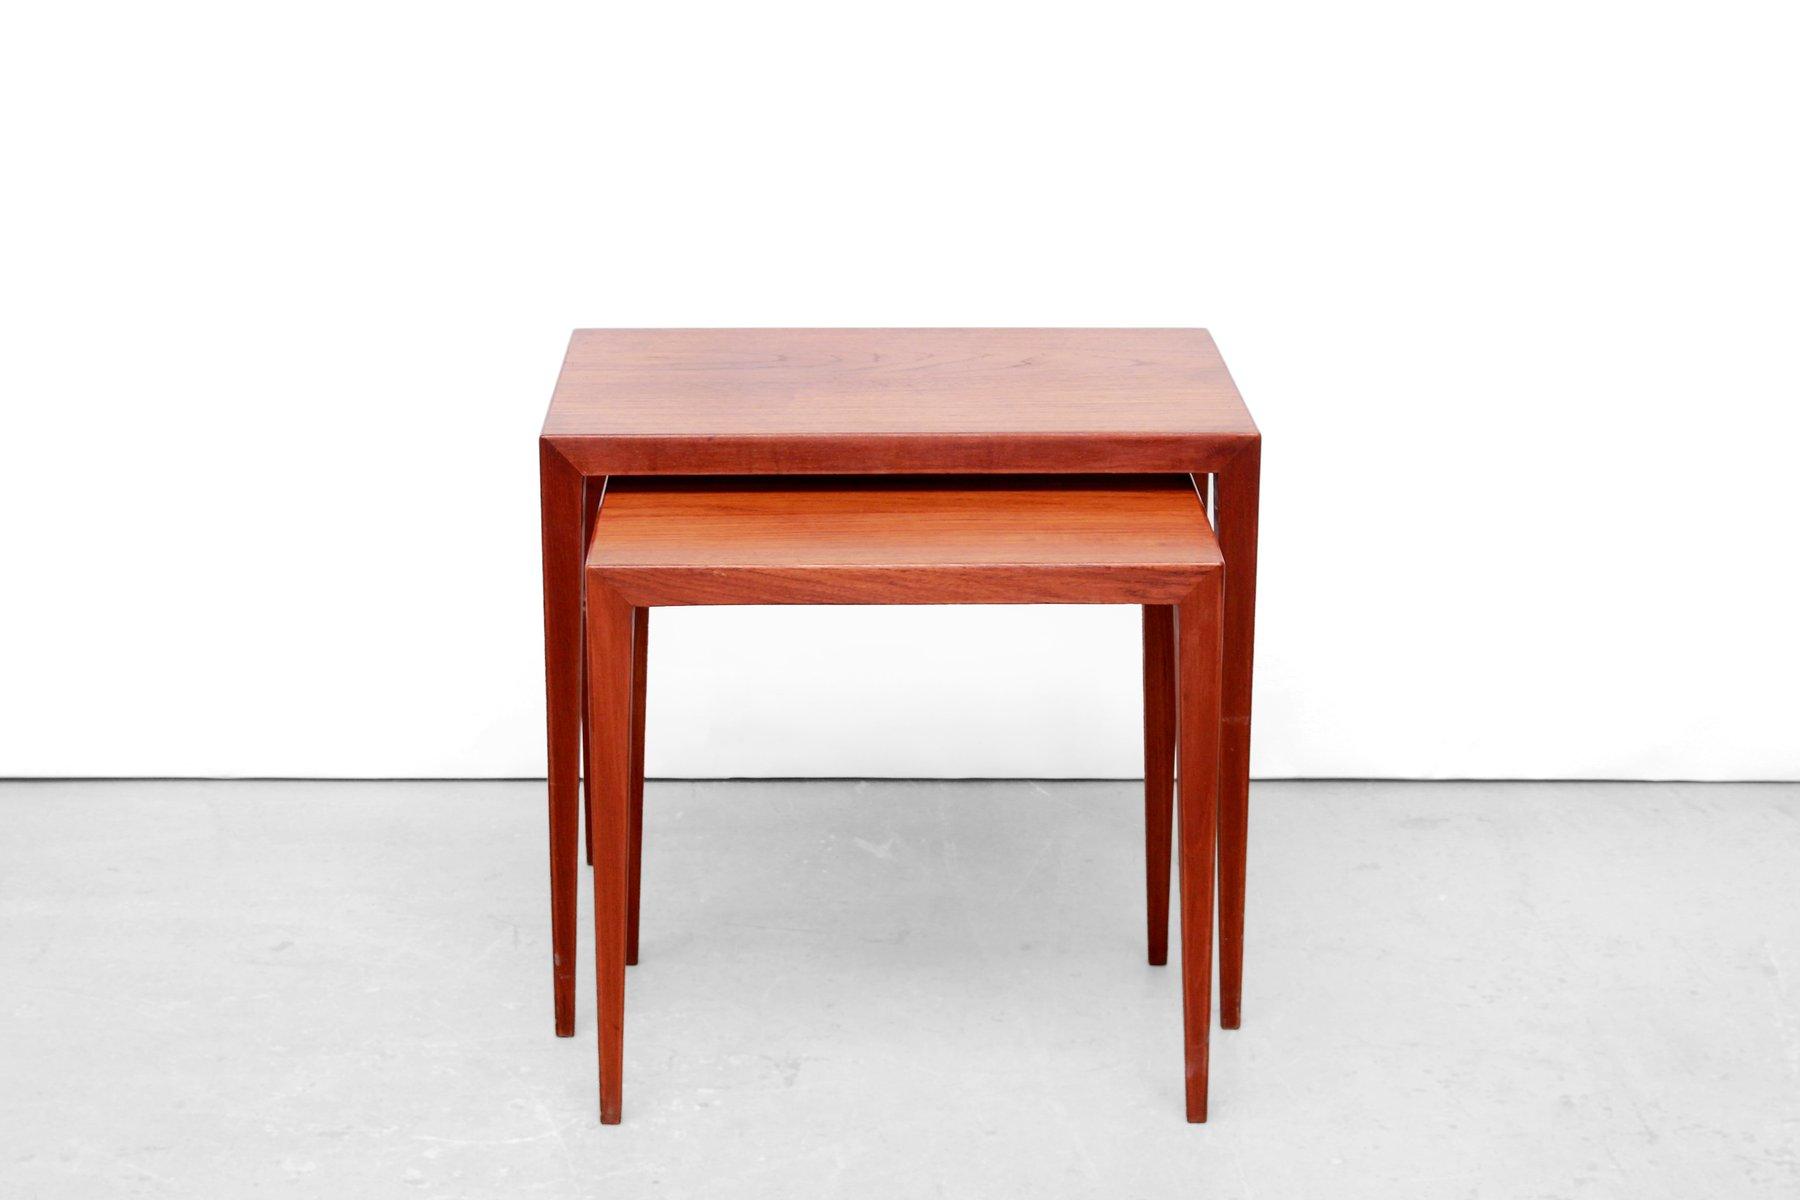 moderne d nische teakholz beistelltische von severin. Black Bedroom Furniture Sets. Home Design Ideas